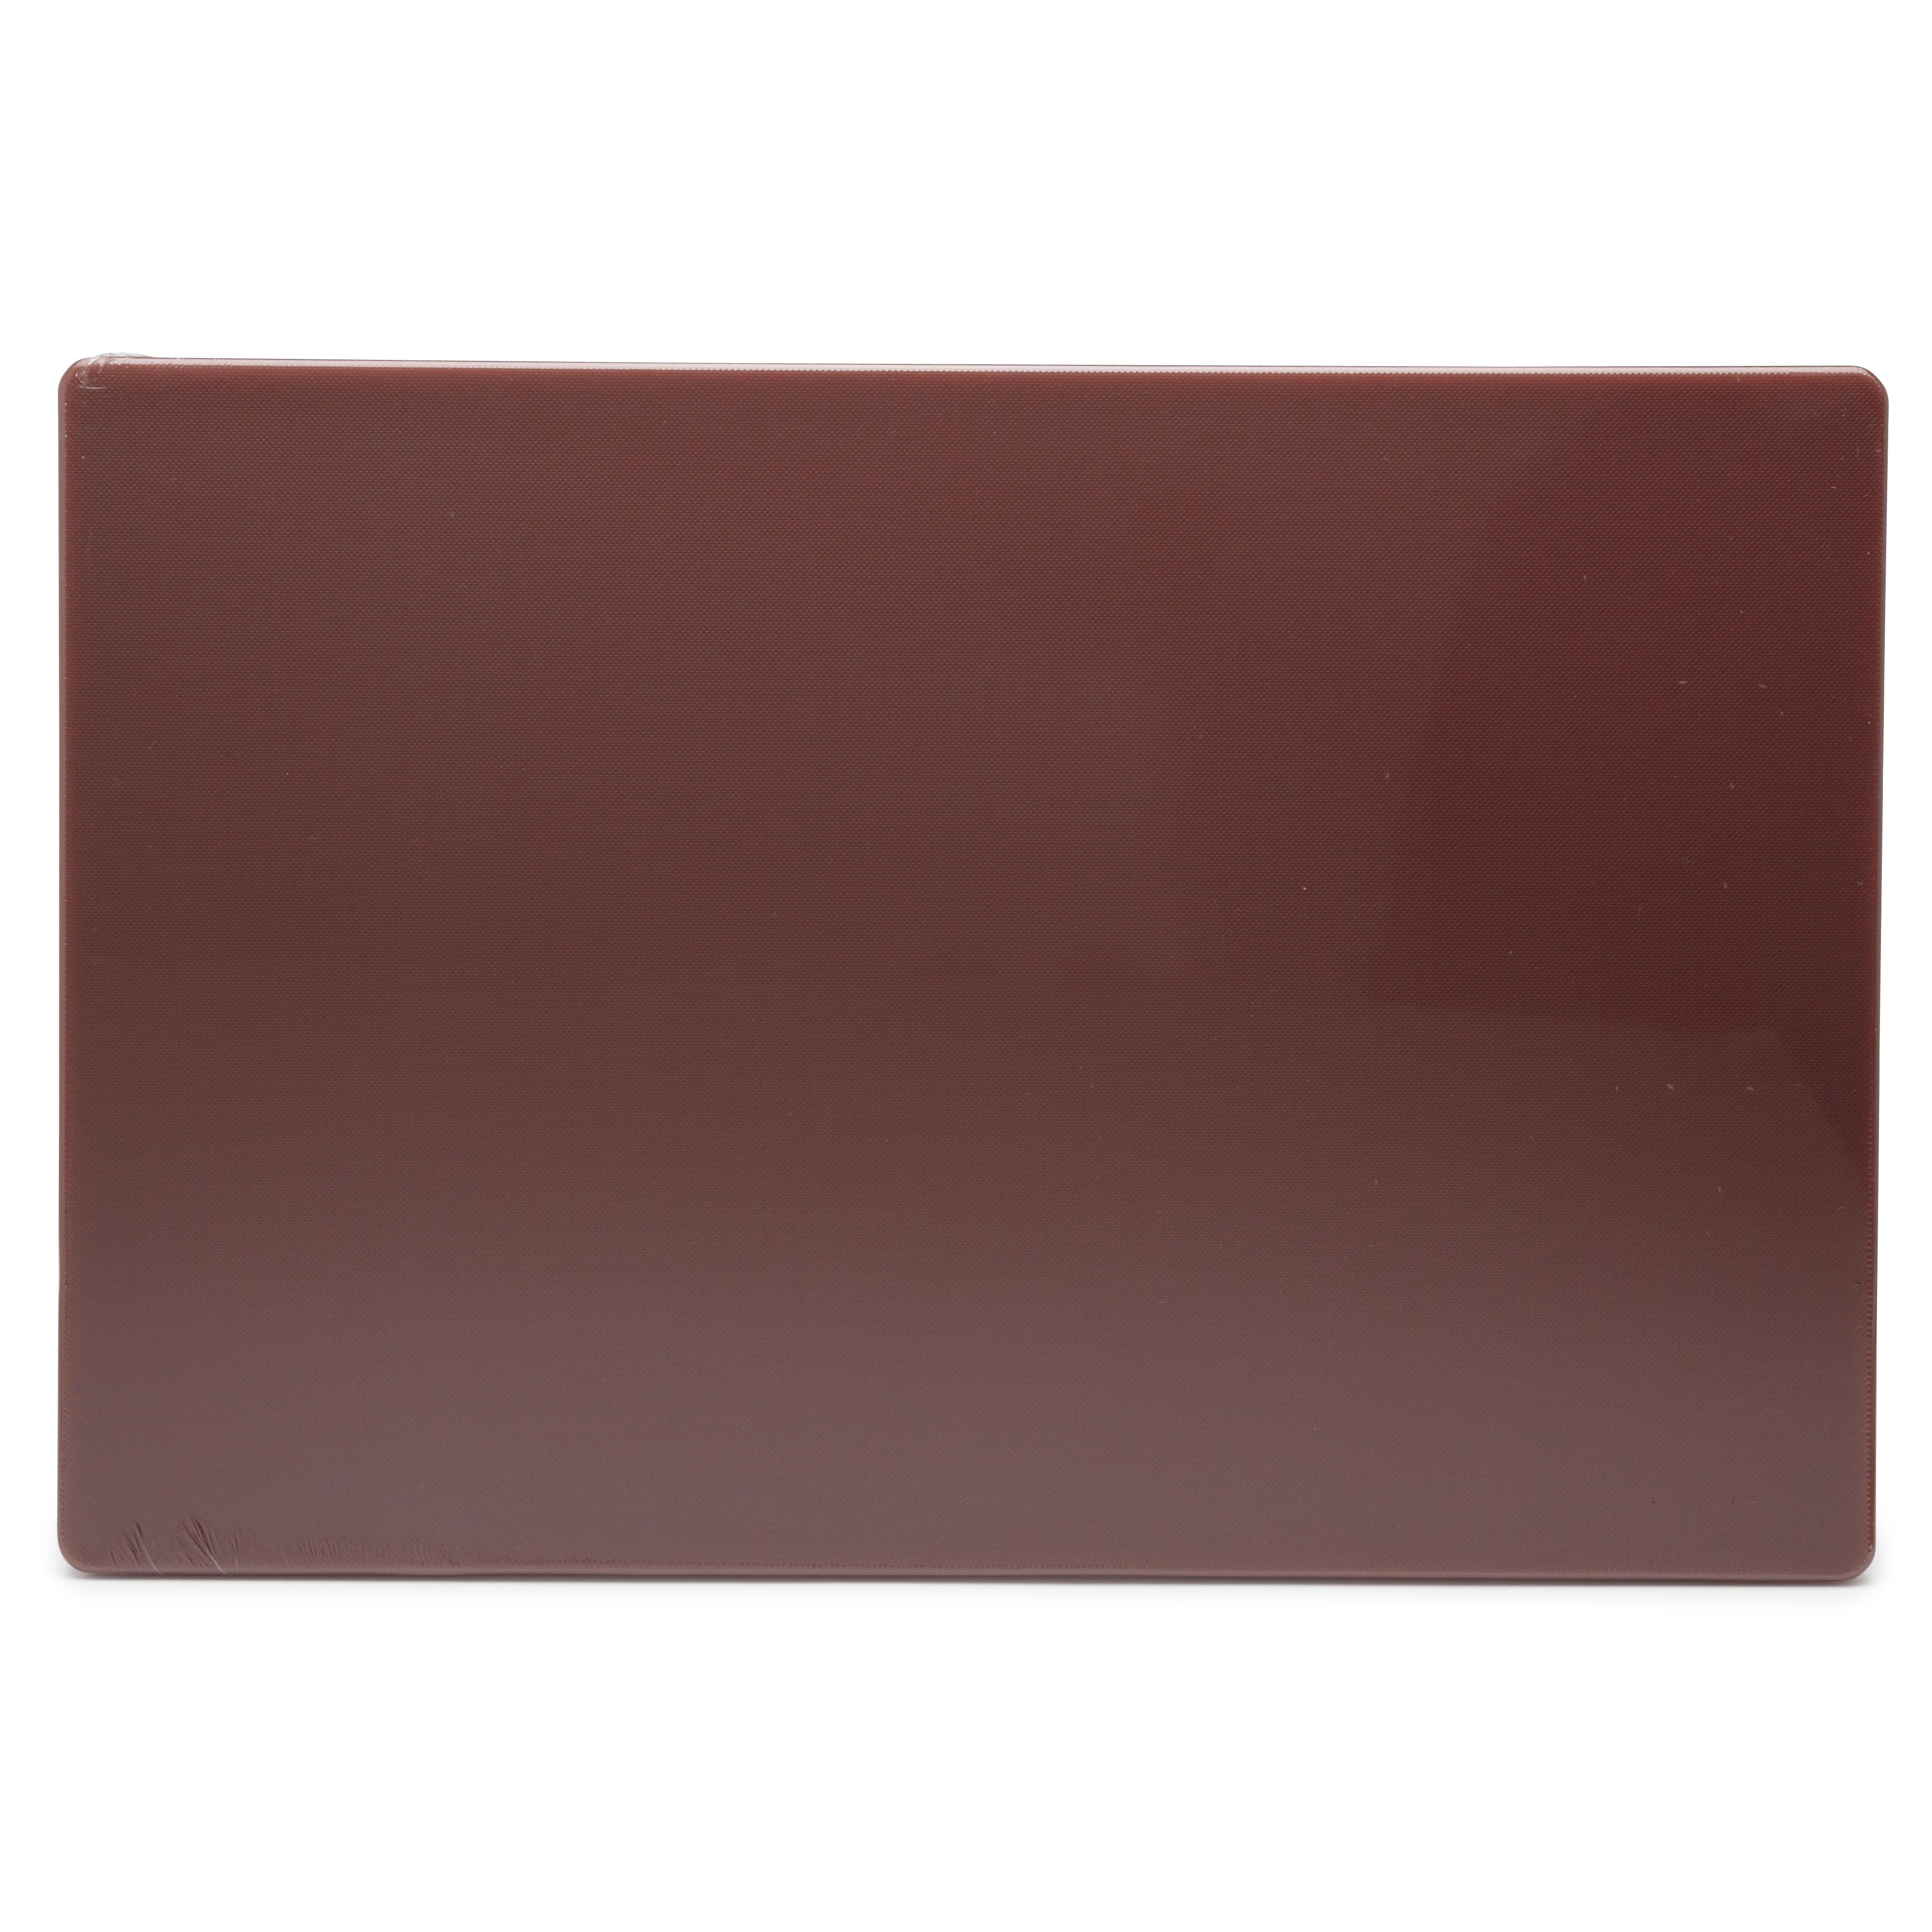 Royal Industries ROY CB 1824 BR cutting board, plastic